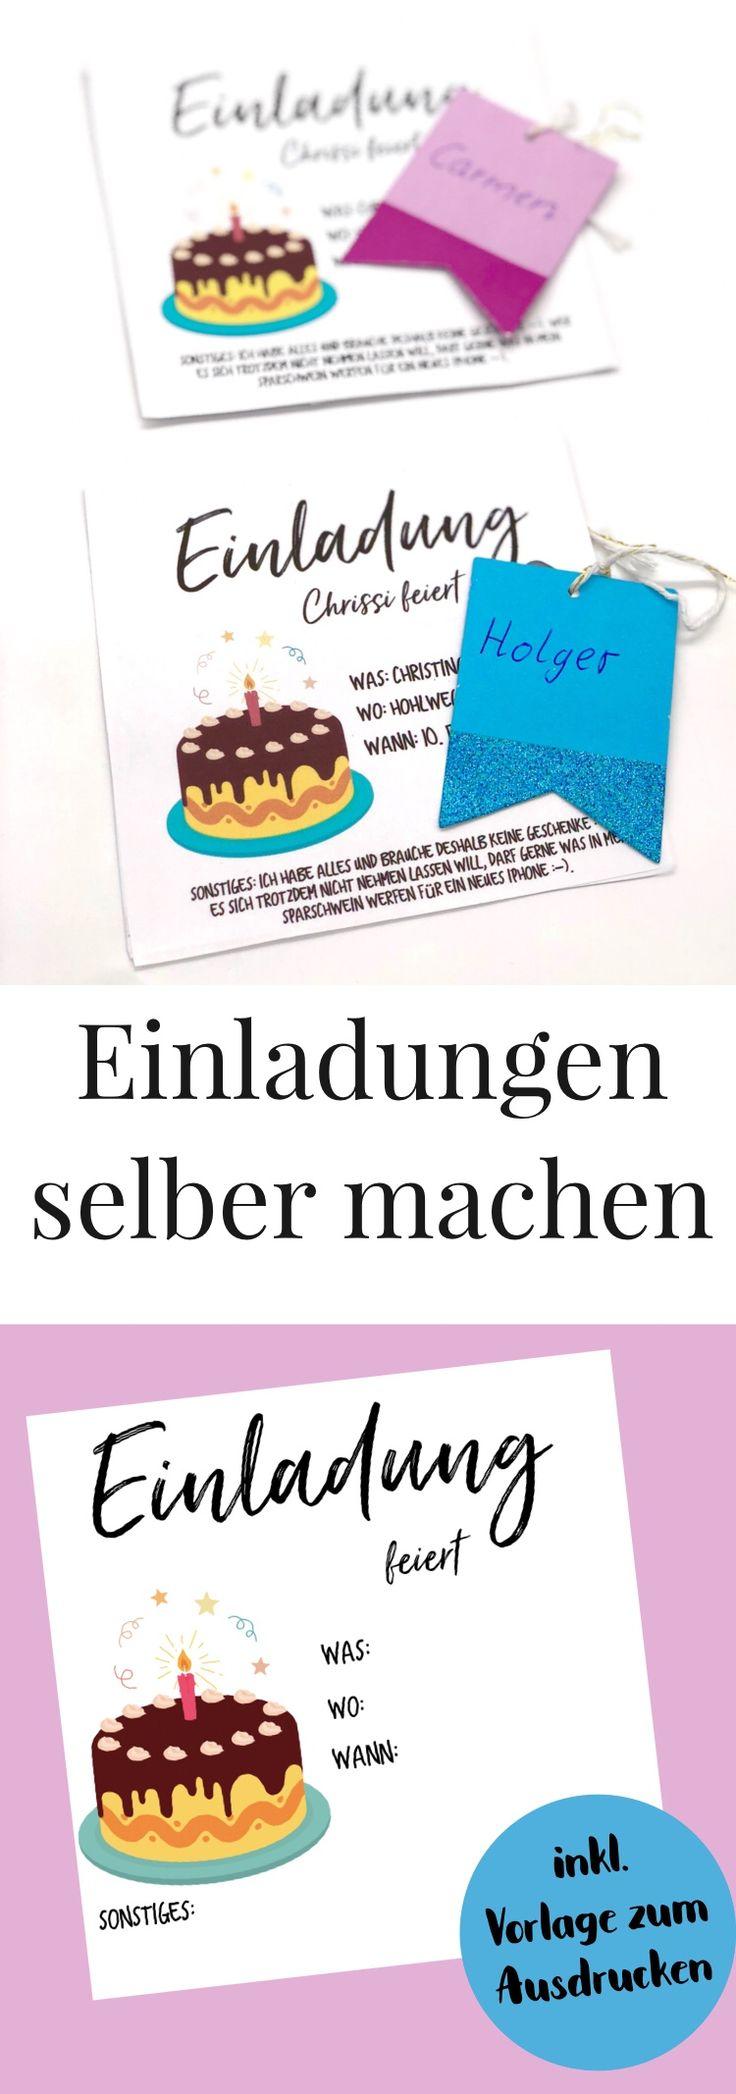 Der Geburtstag von Euch oder Euren Liebsten steht vor der Tür und Ihr möchtet gerne Eure Einladungskarten selbst gestalten? Dann habe ich in diesem Blog Beitrag eine super einfache DIY Idee für Euch, wie Ihr Euch Eure Einladungskarten selbst gestalten... #diyblog #diyideen #einladunggeburtstag